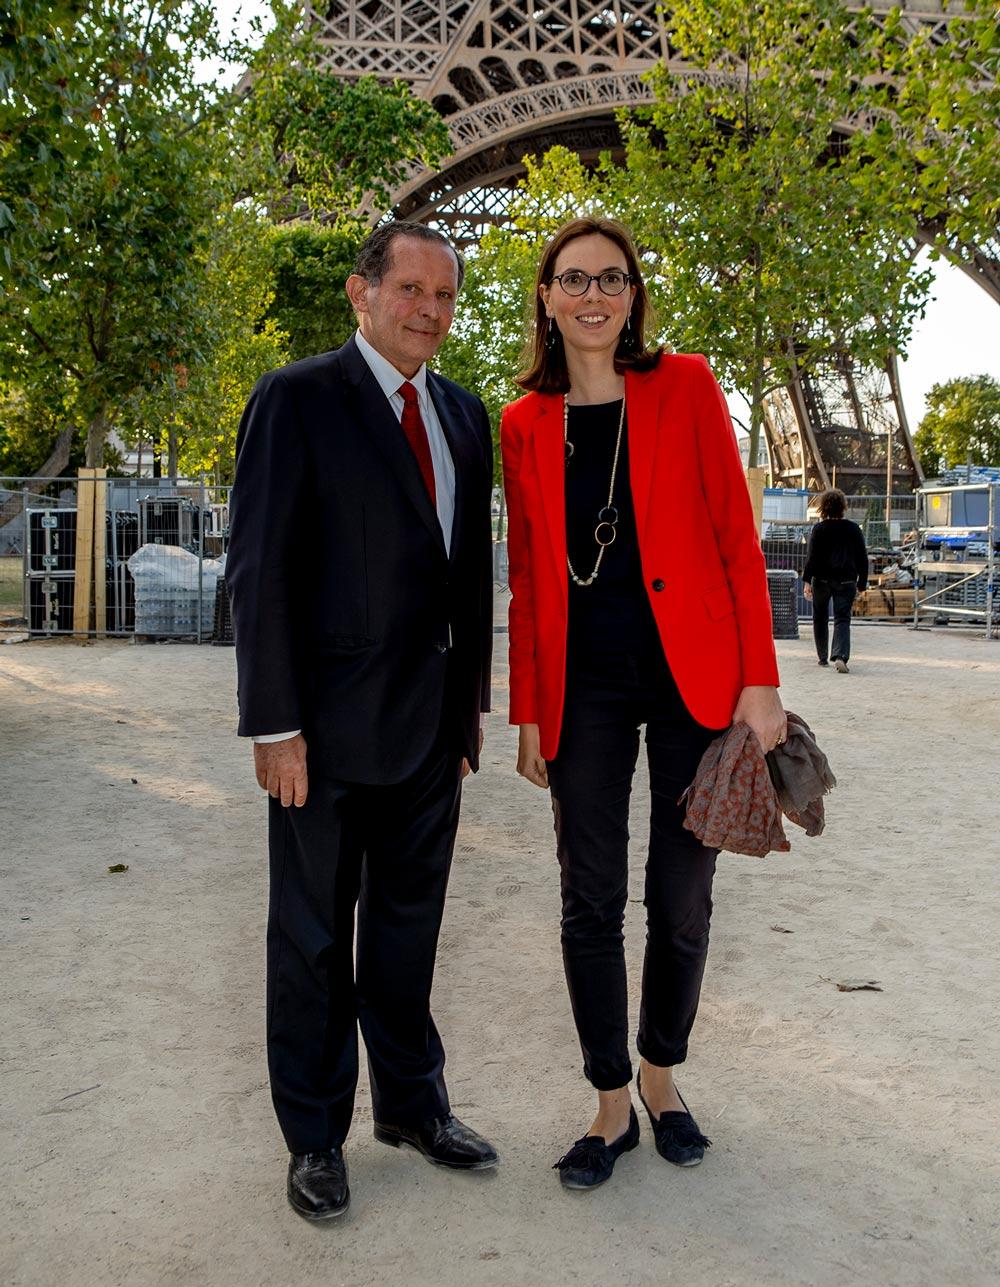 Amélie de Montchalin, Secrétaire d'Etat aux Affaires Européennes